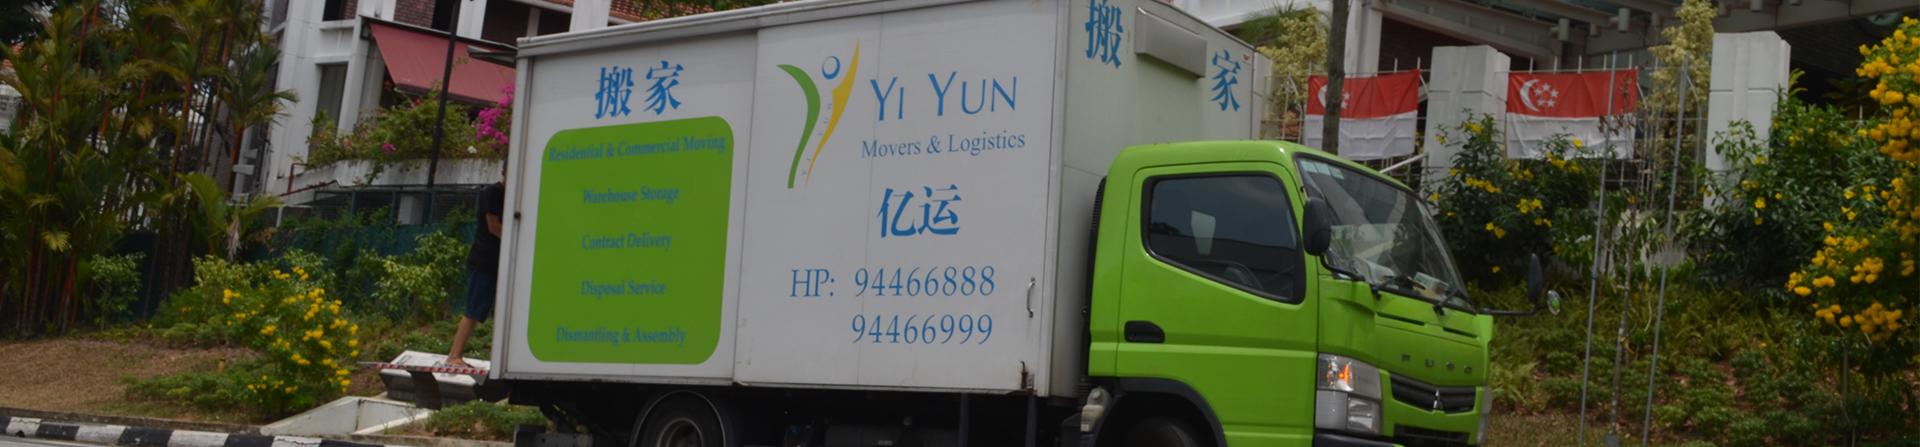 Yi Yun Movers Lorry